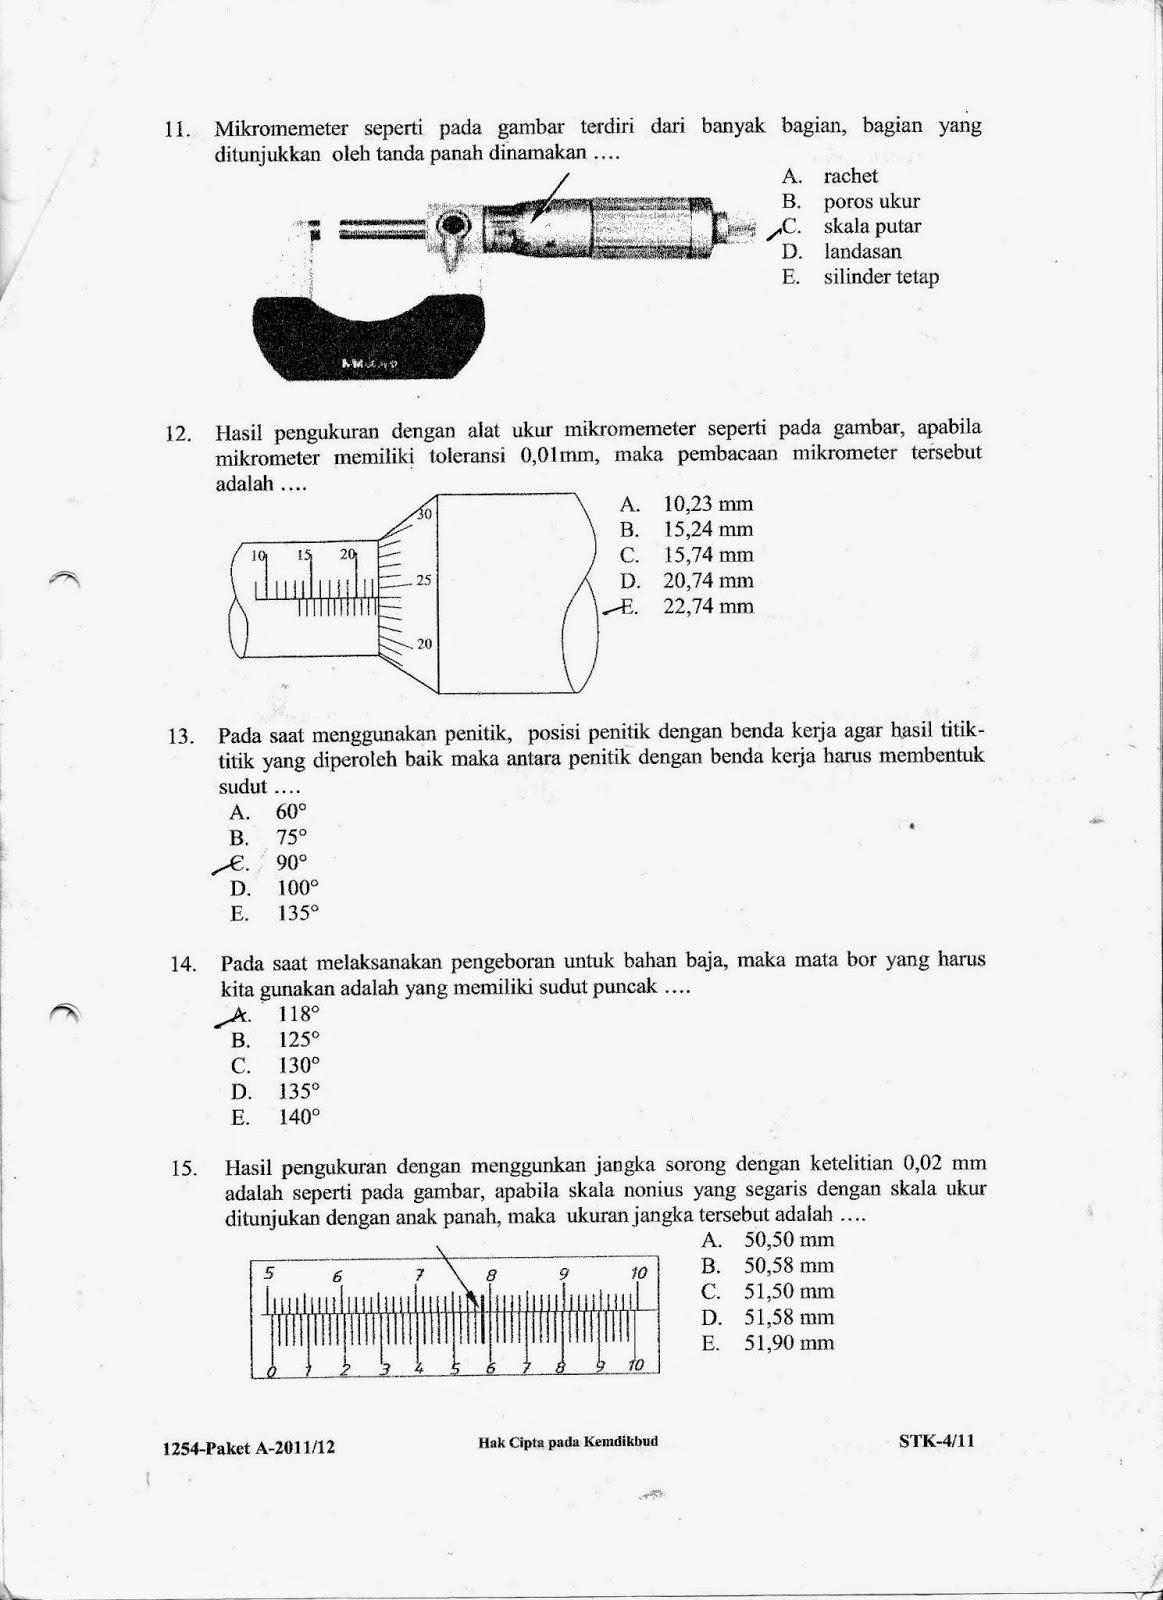 Soal Ujian Nasional Kejuruan T Pemesinan Tahun 2011 2012 Izza A R